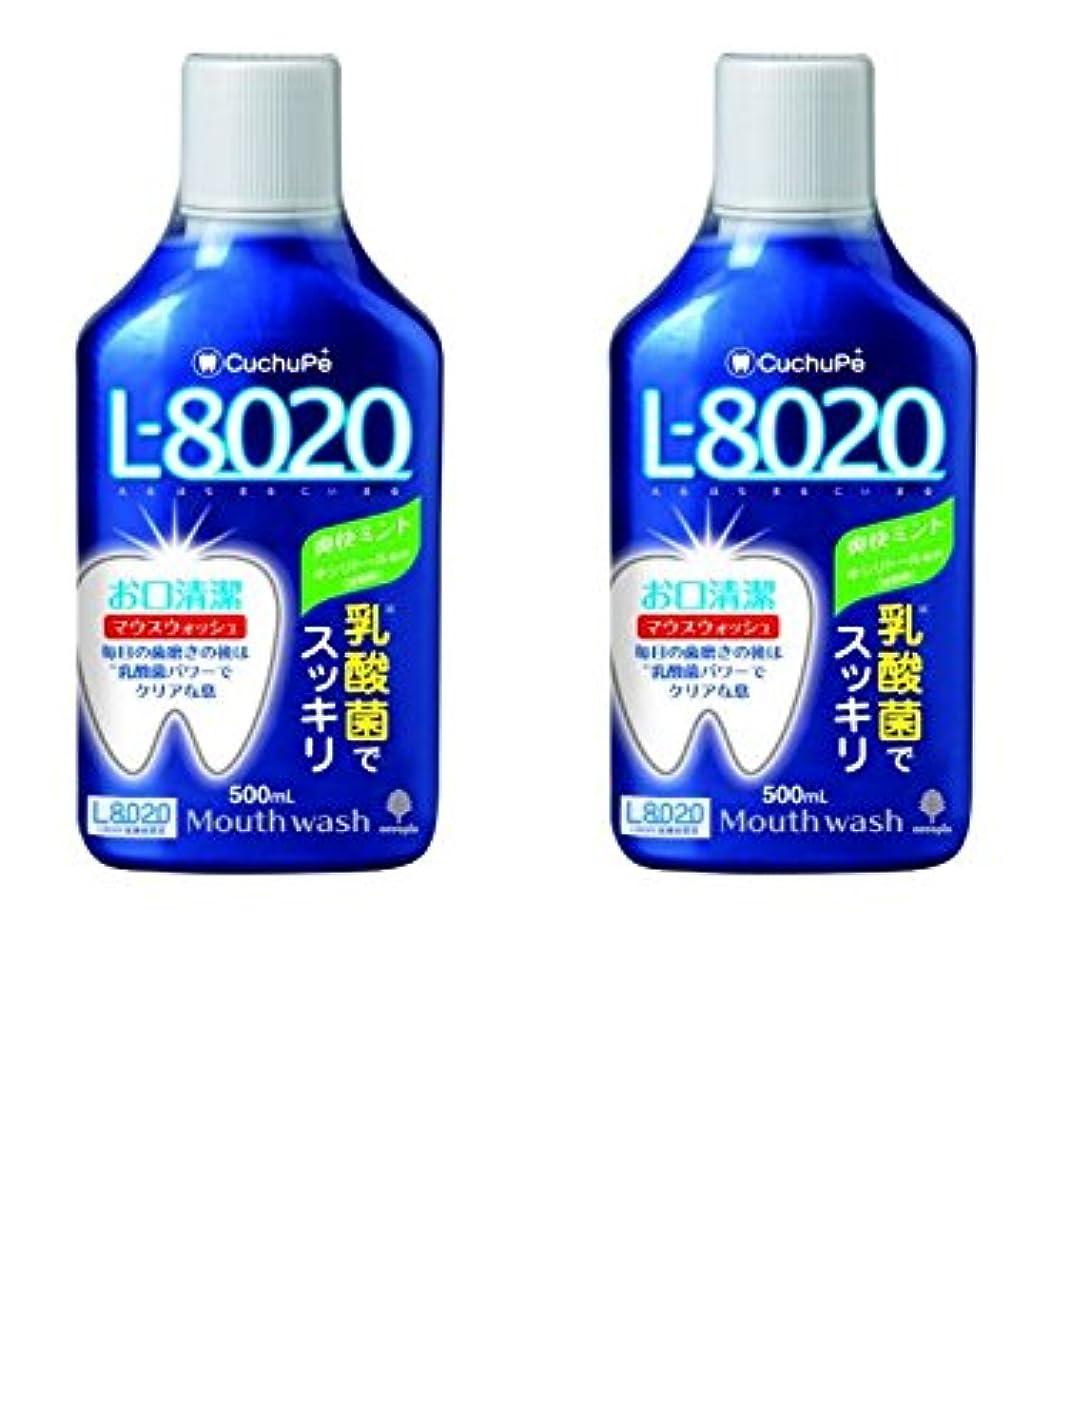 煙細部作ります【まとめ買い】紀陽除虫菊 マウスウォッシュ クチュッペL-8020 爽快ミント 500ml × 2個